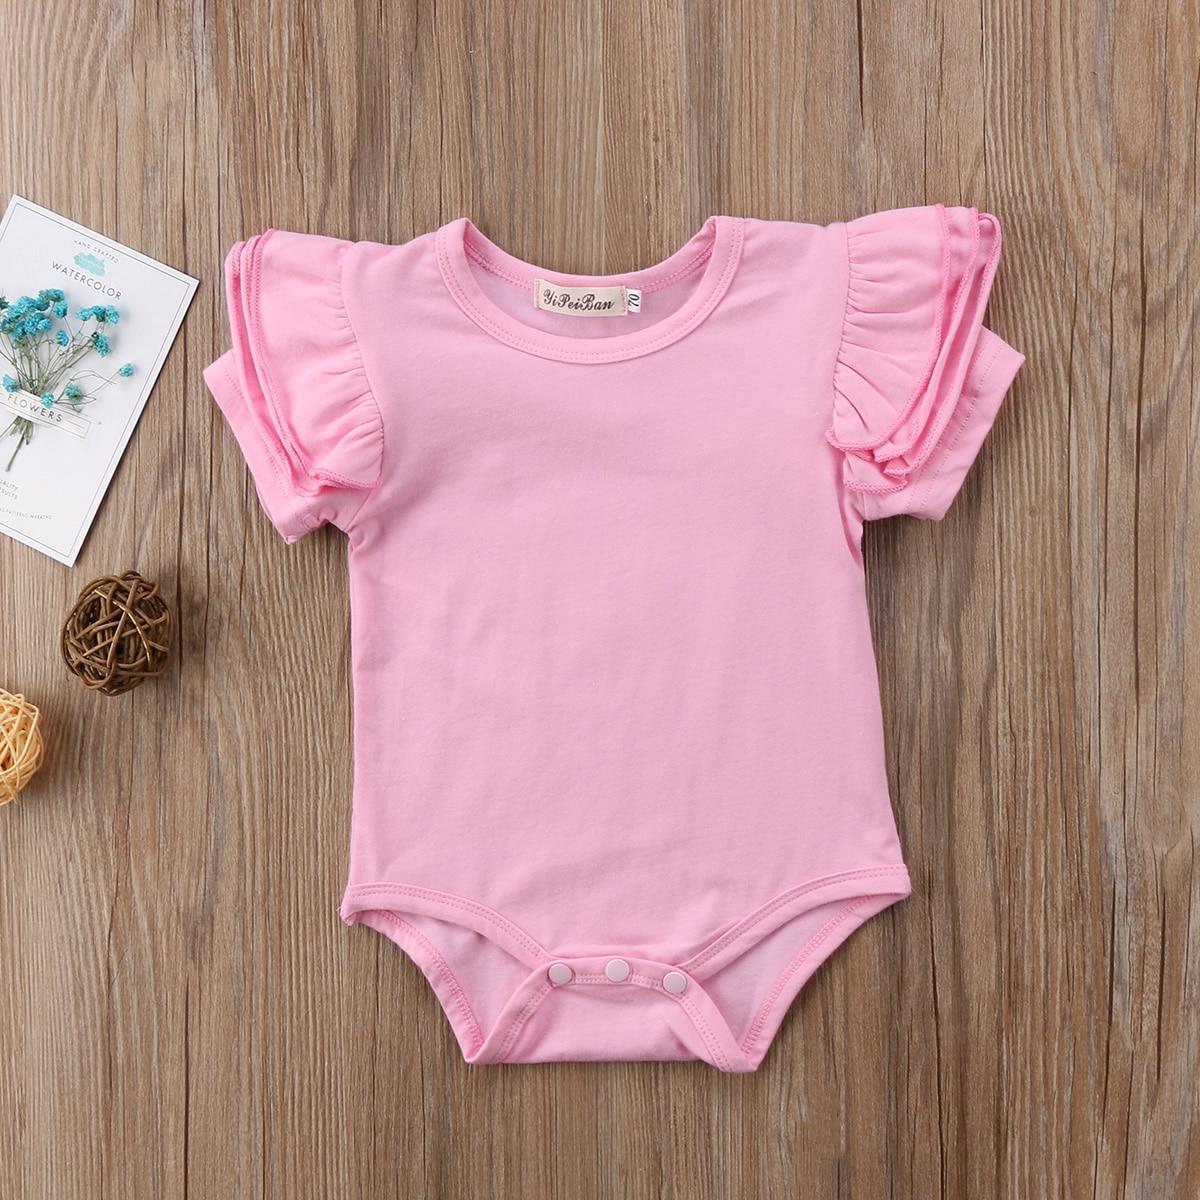 Новорожденных наряд для маленьких девочек комбинезон одежда в загородном стиле От 0 до 2 лет Одежда для малышей боди один штук трико